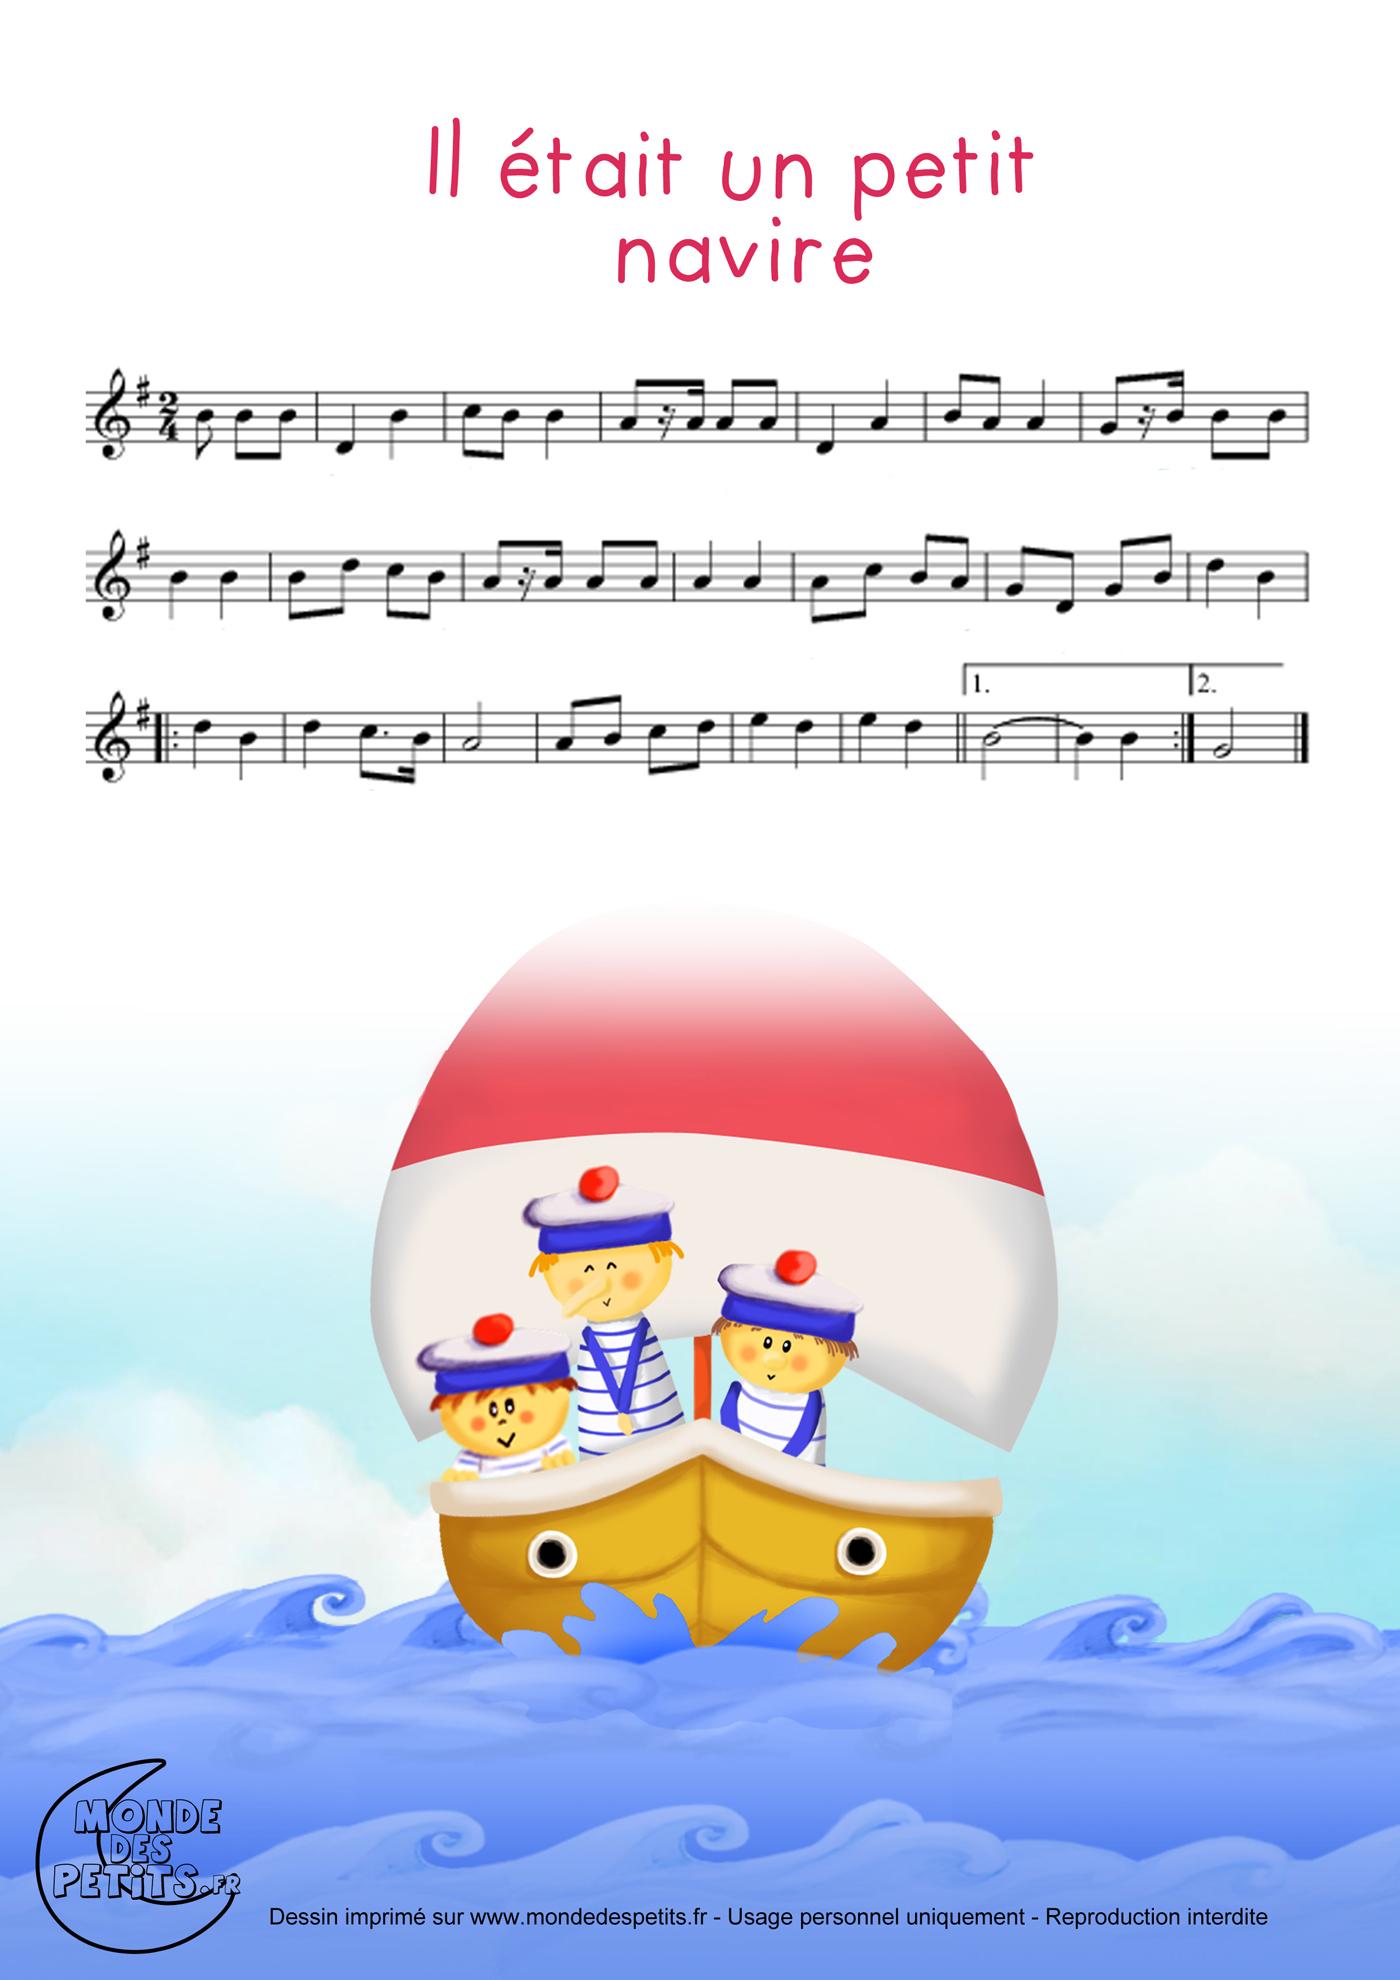 parole chanson un petit navire